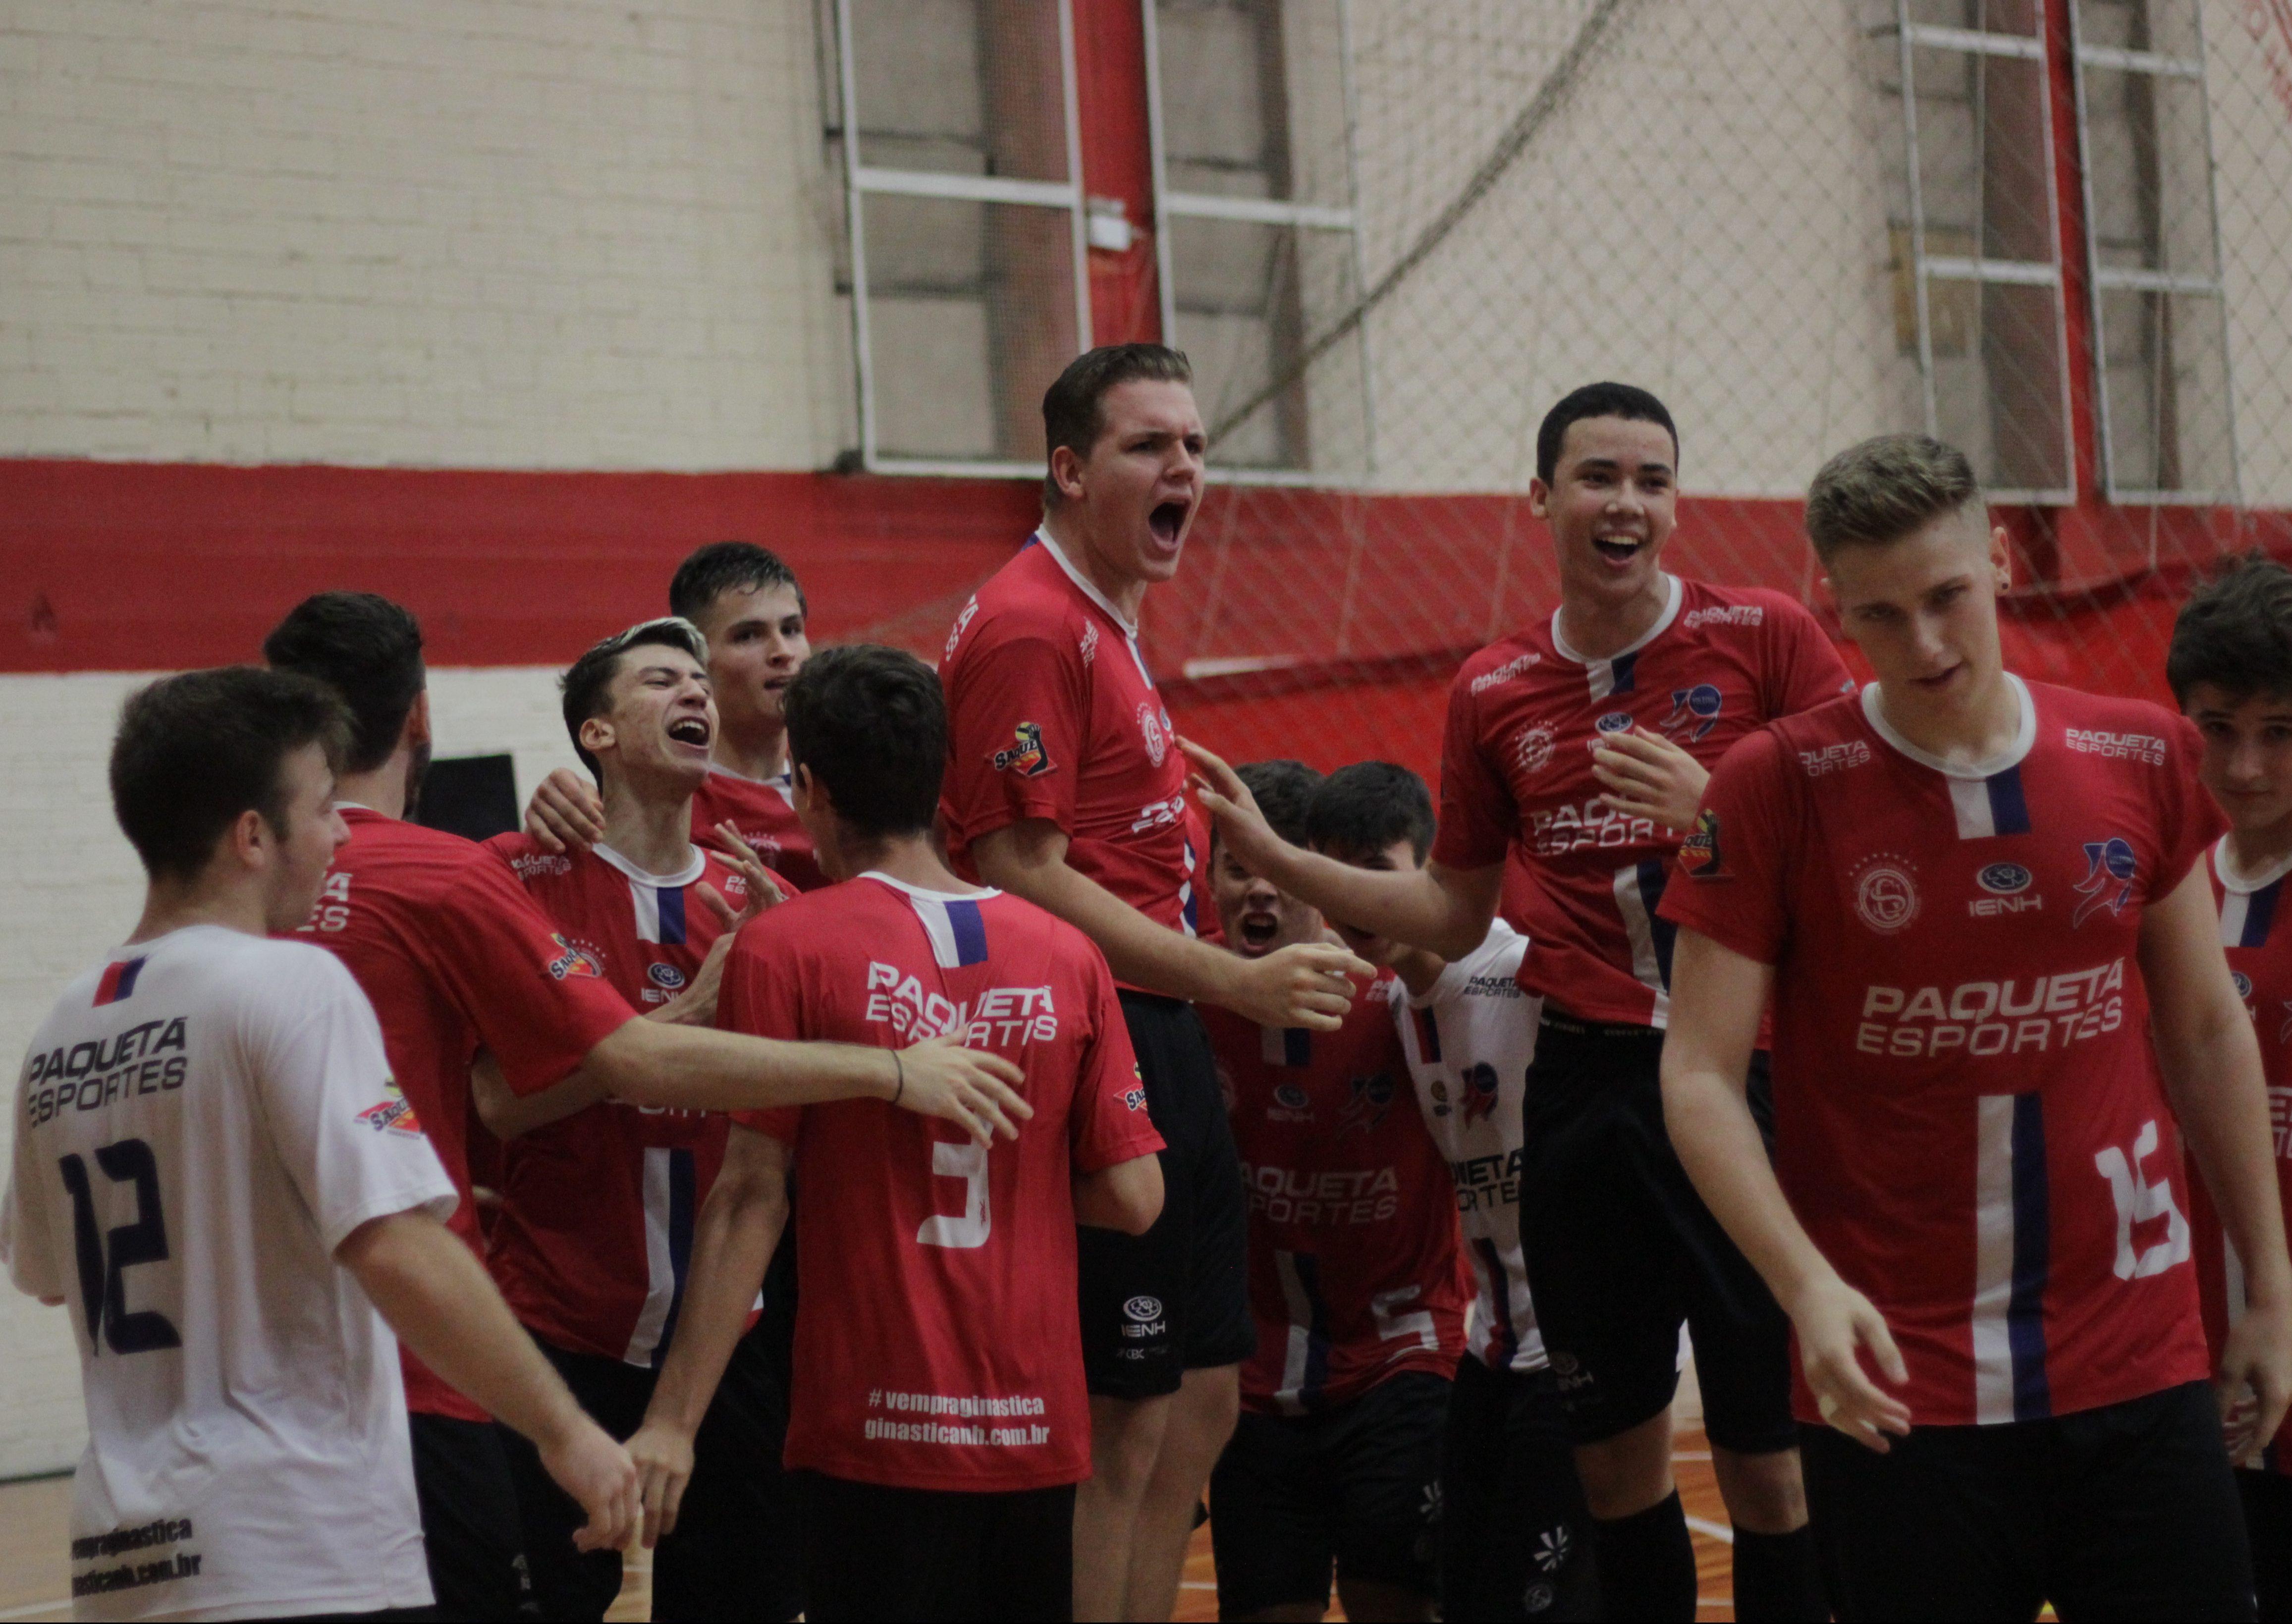 Galeria de Fotos do 21º Festival Mercosul de Voleibol